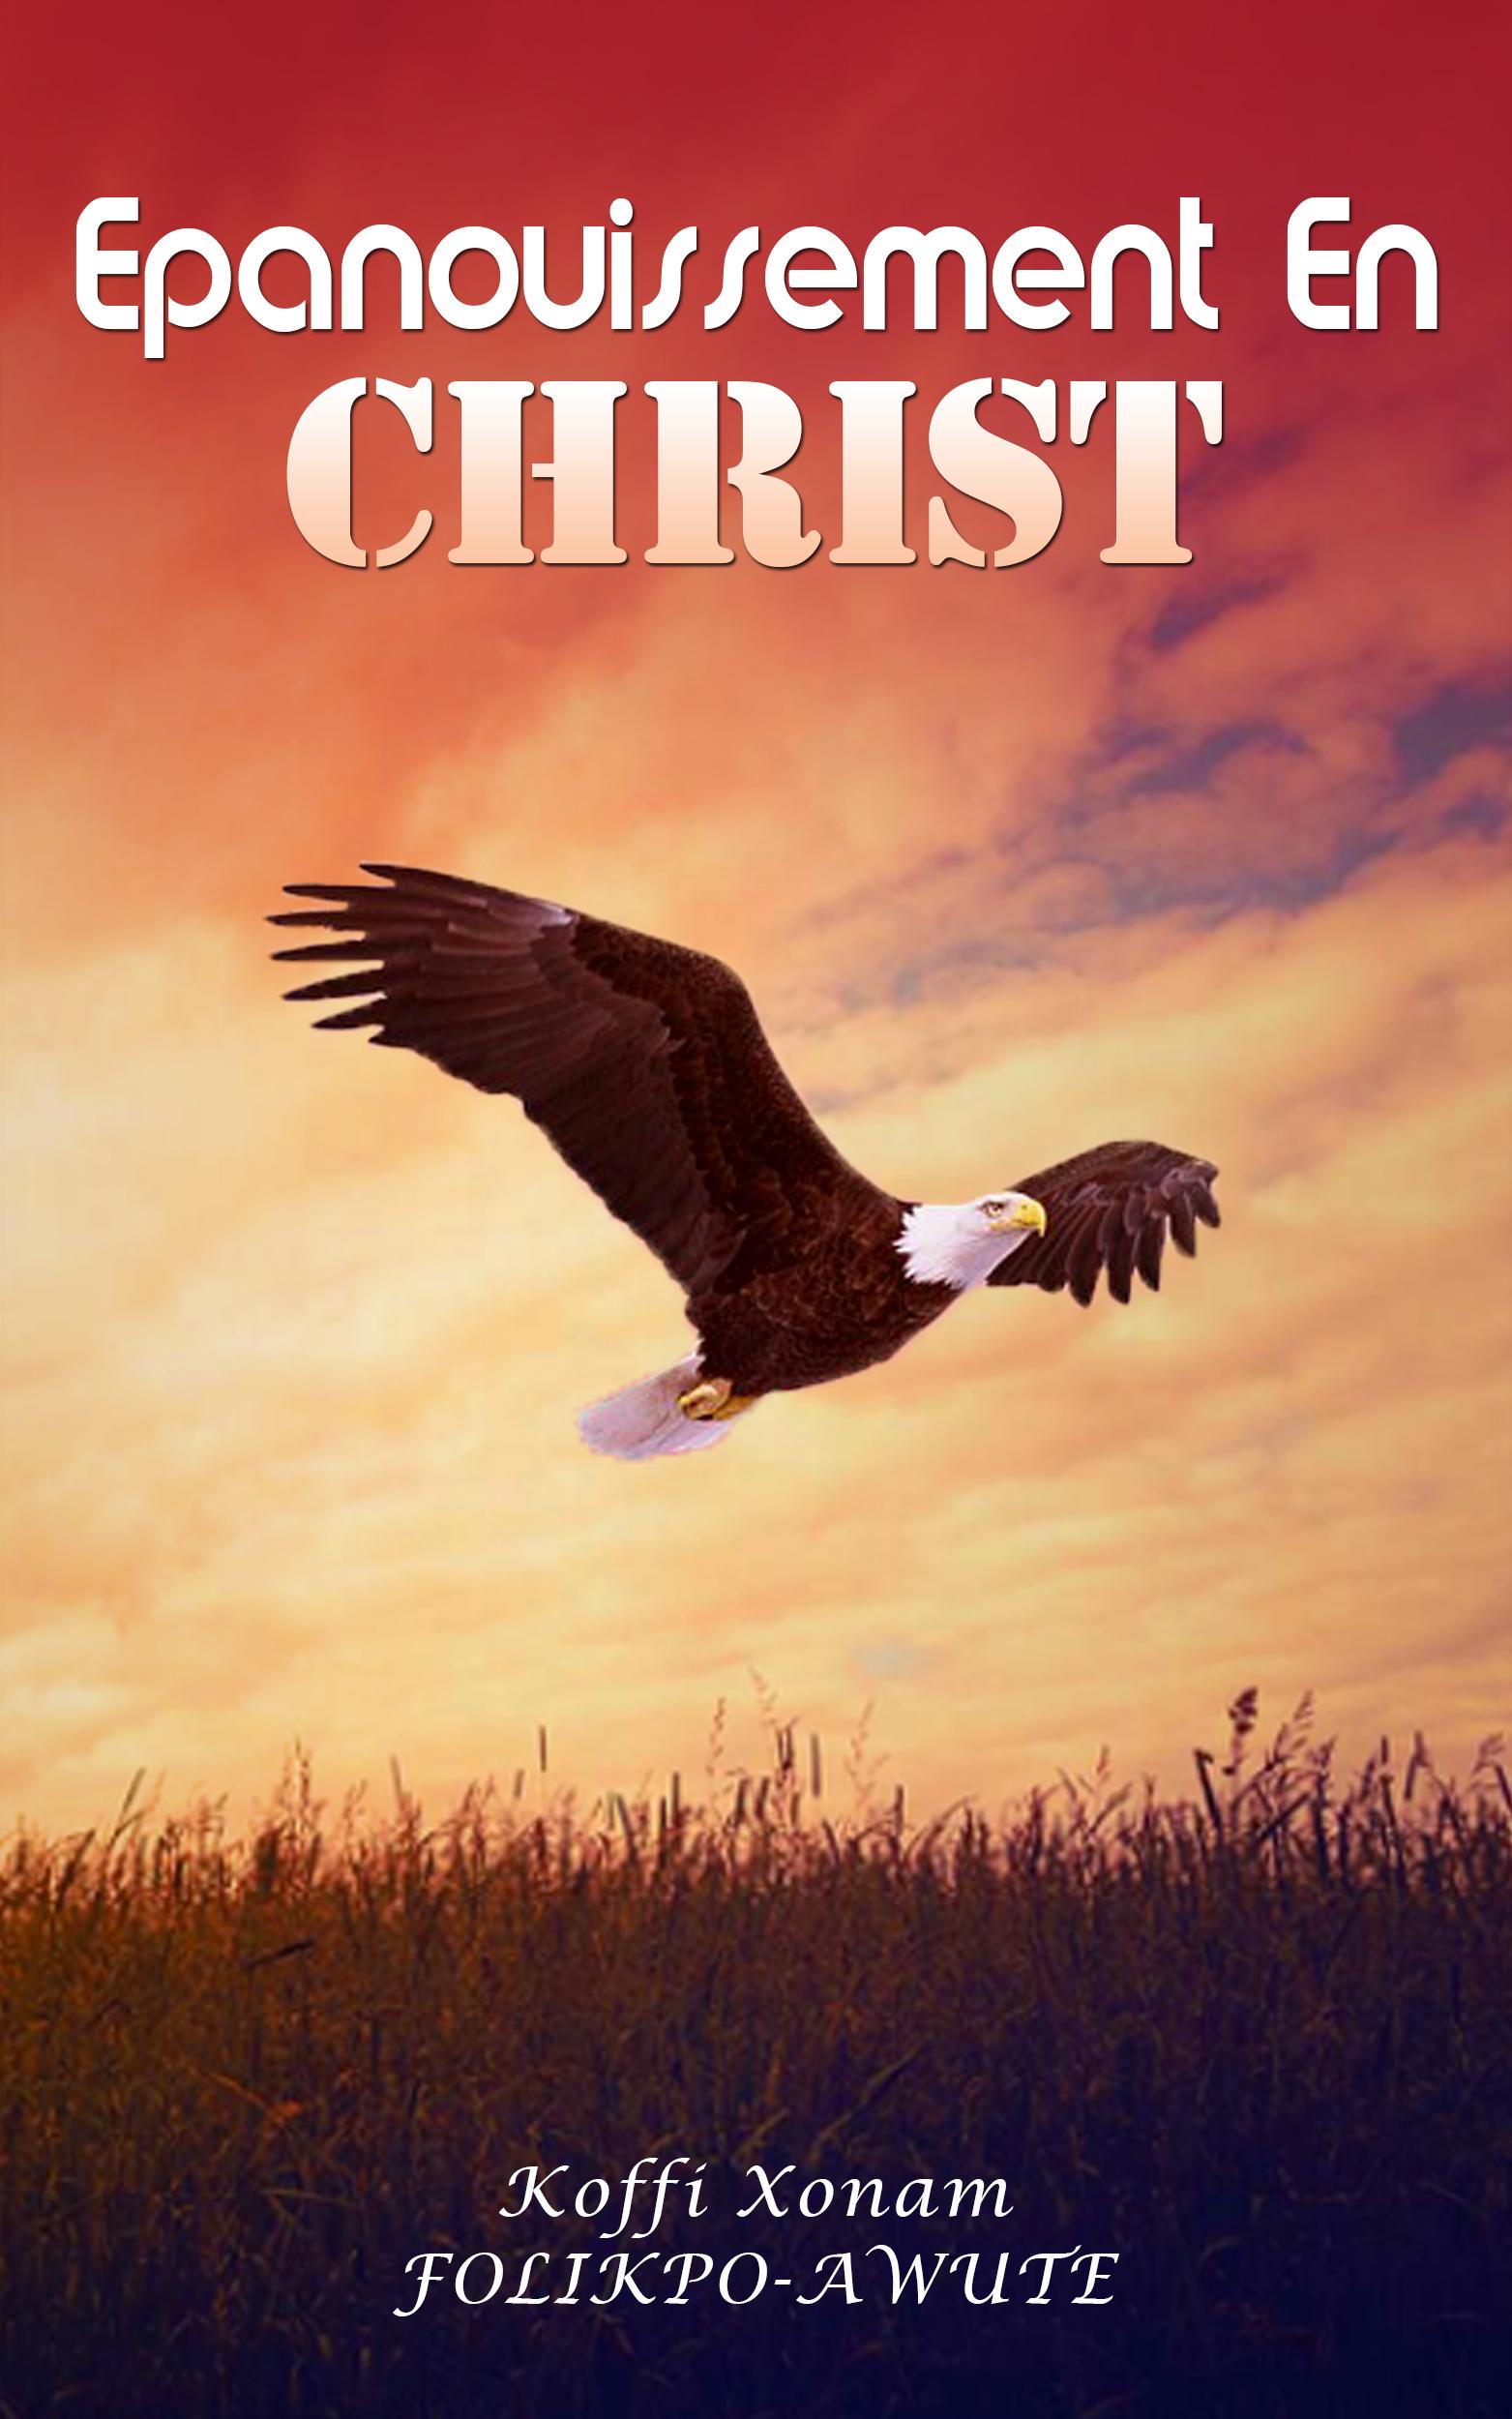 Épanouissement en CHRIST